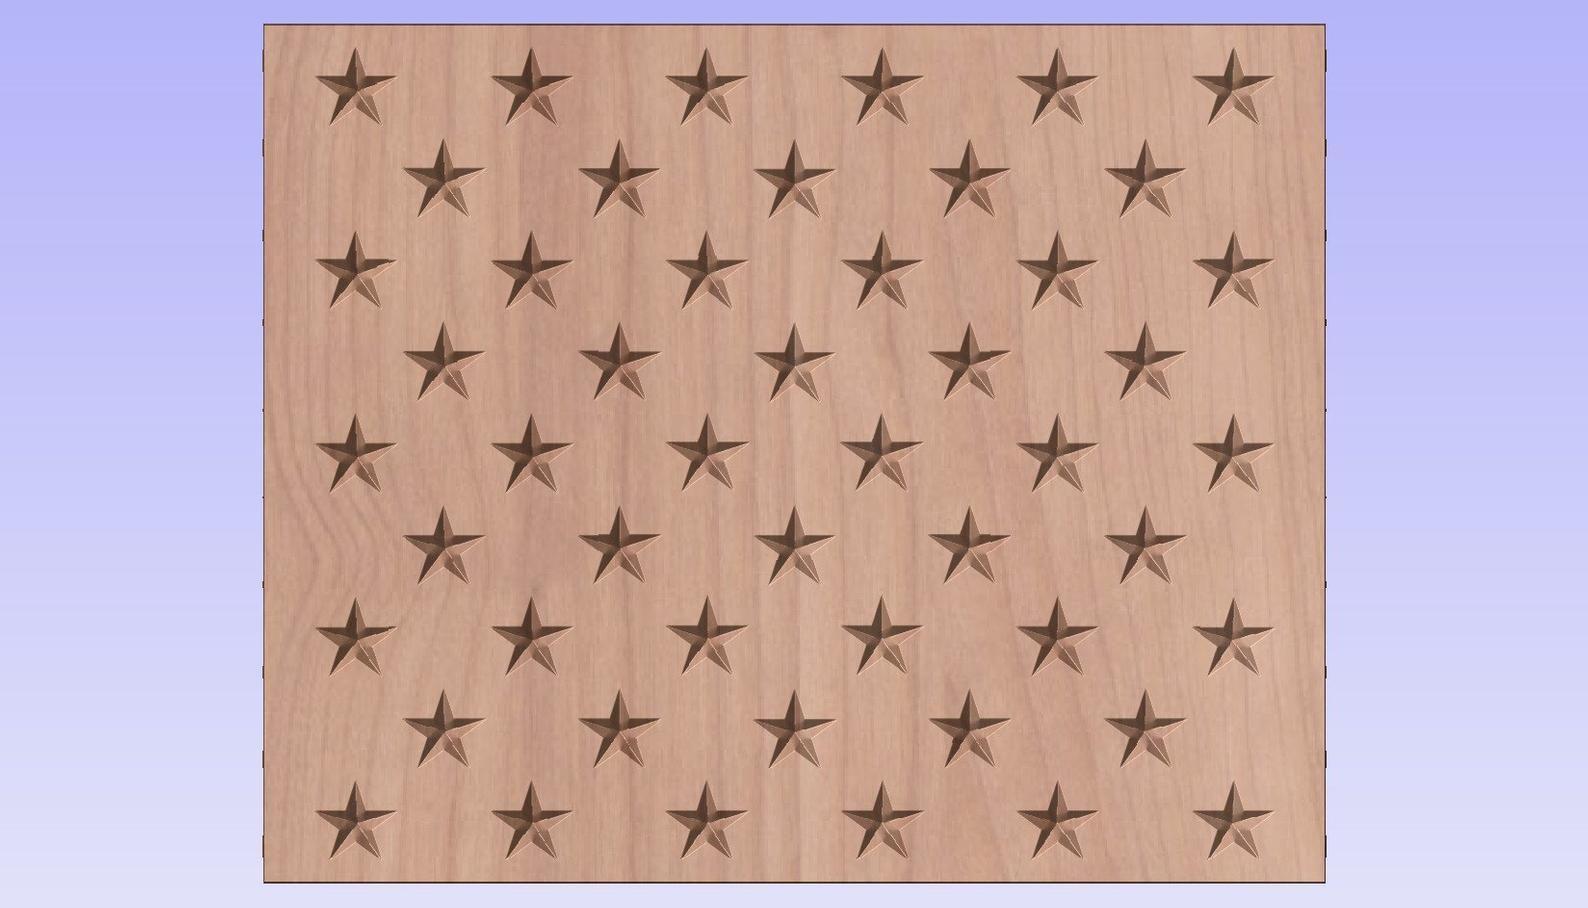 50 Star Vcarve Union Crv File Etsy Digital Svg Etsy Dxf